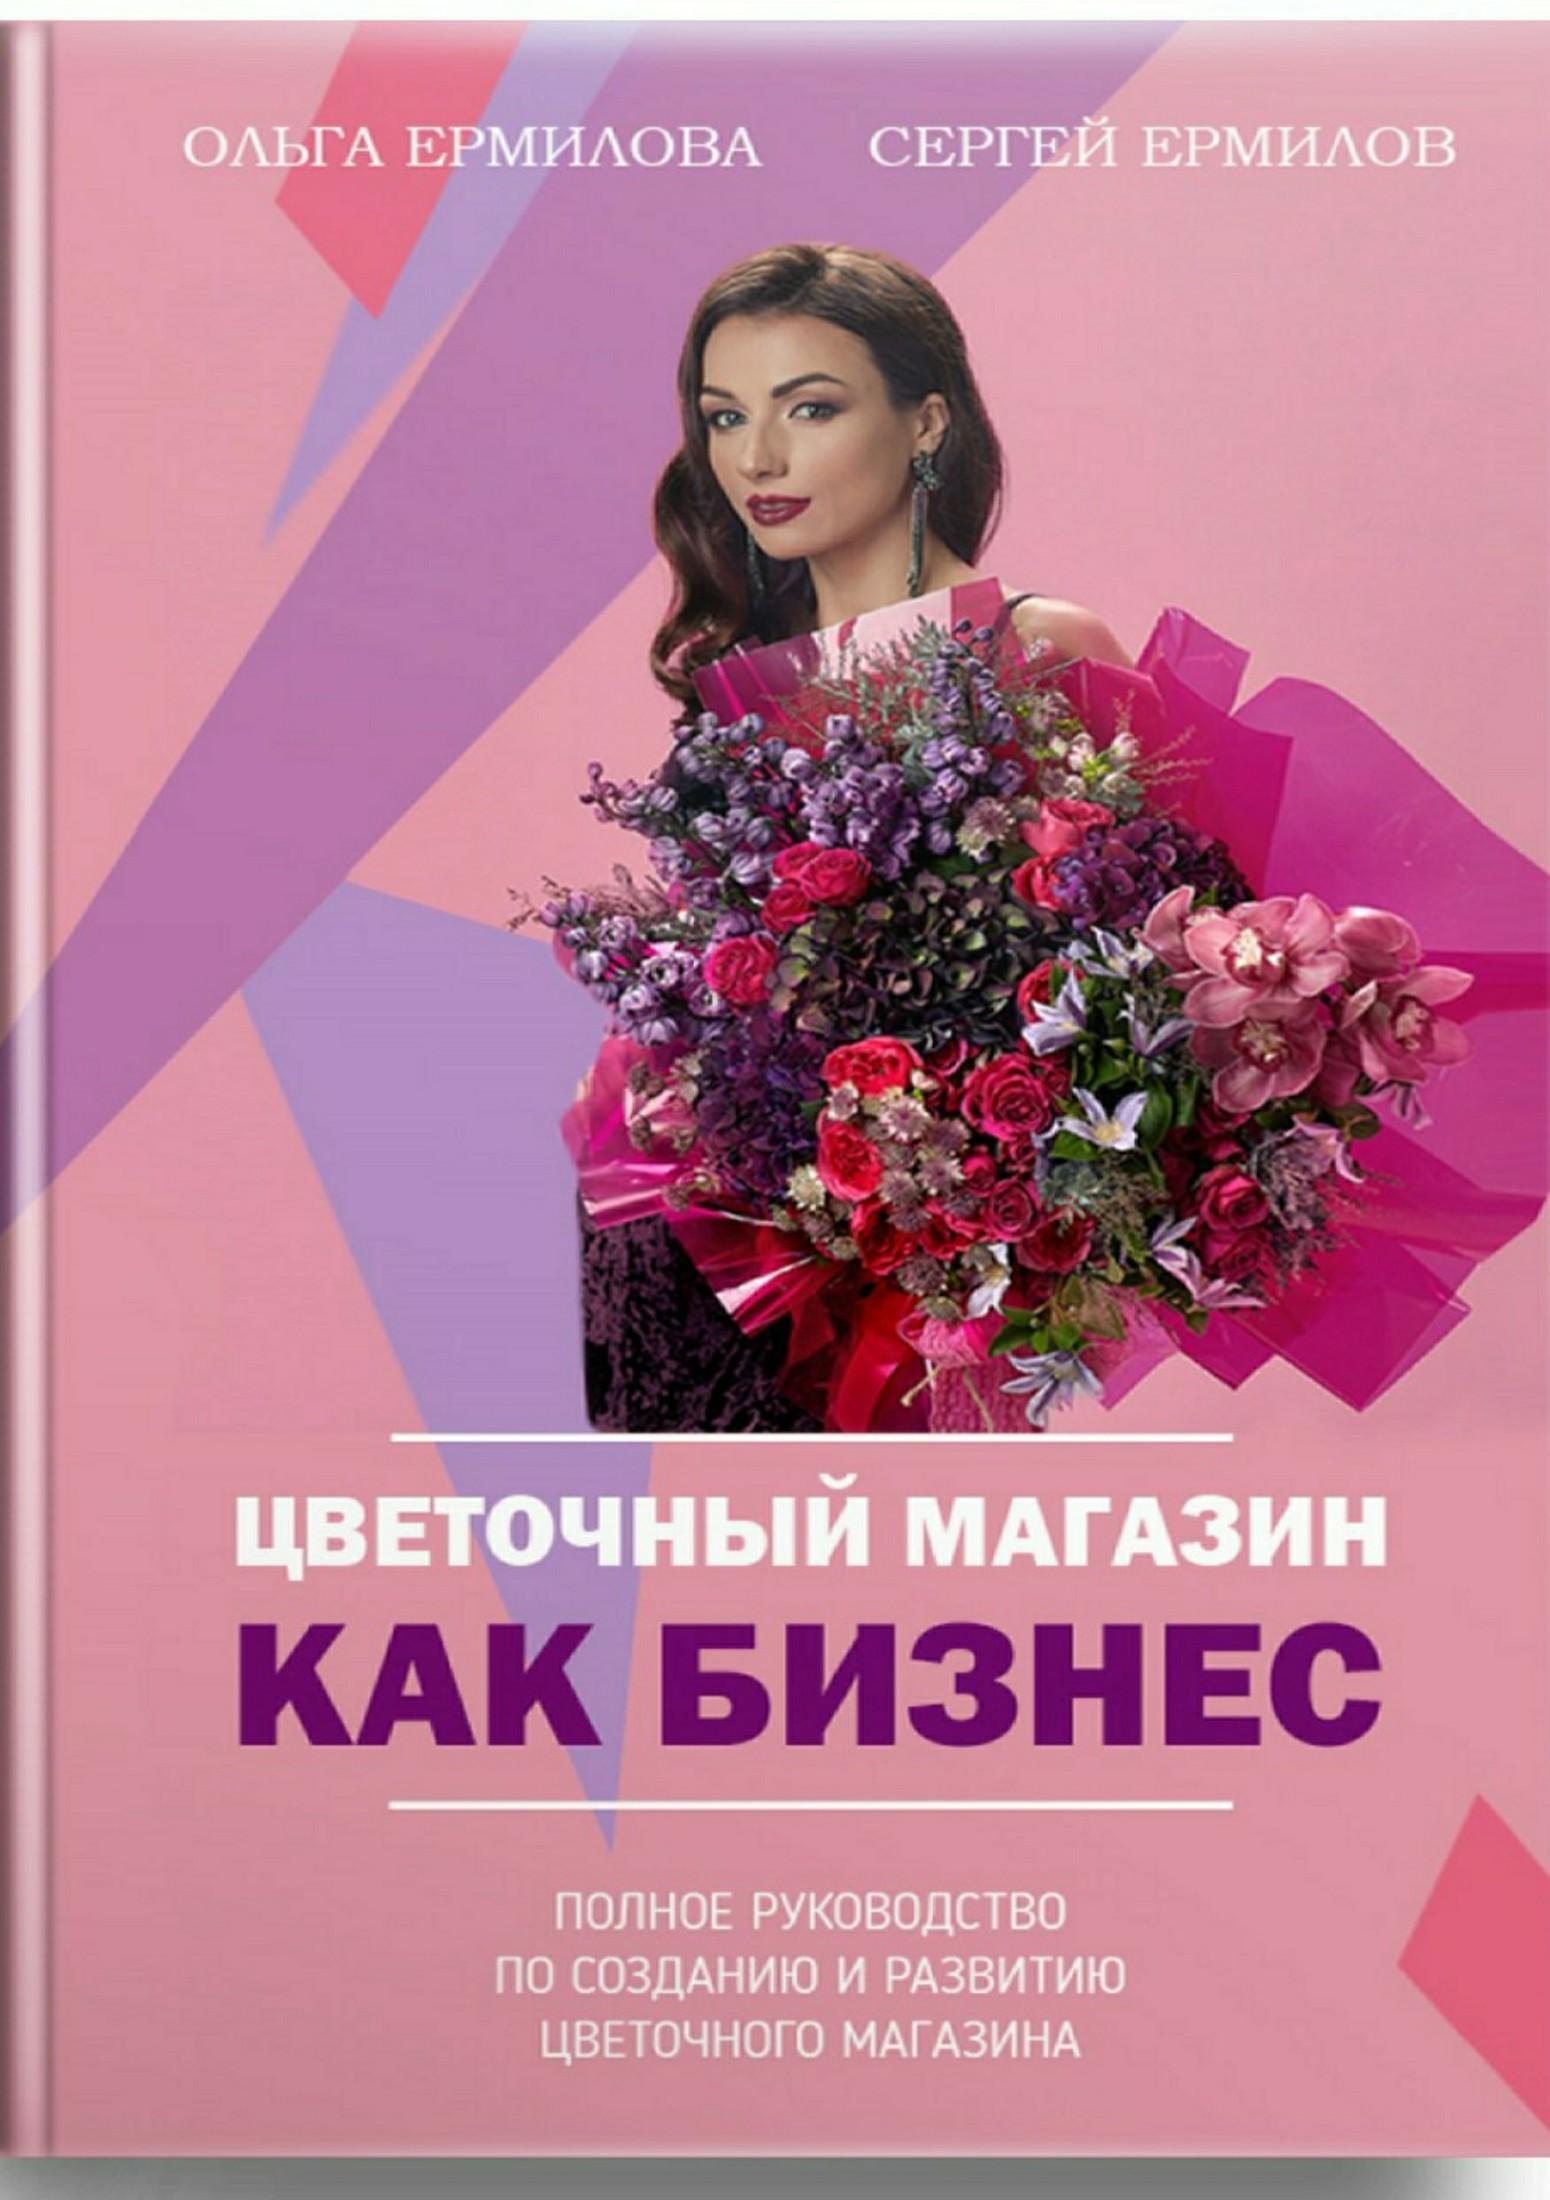 Обложка книги. Автор - Сергей Ермилов